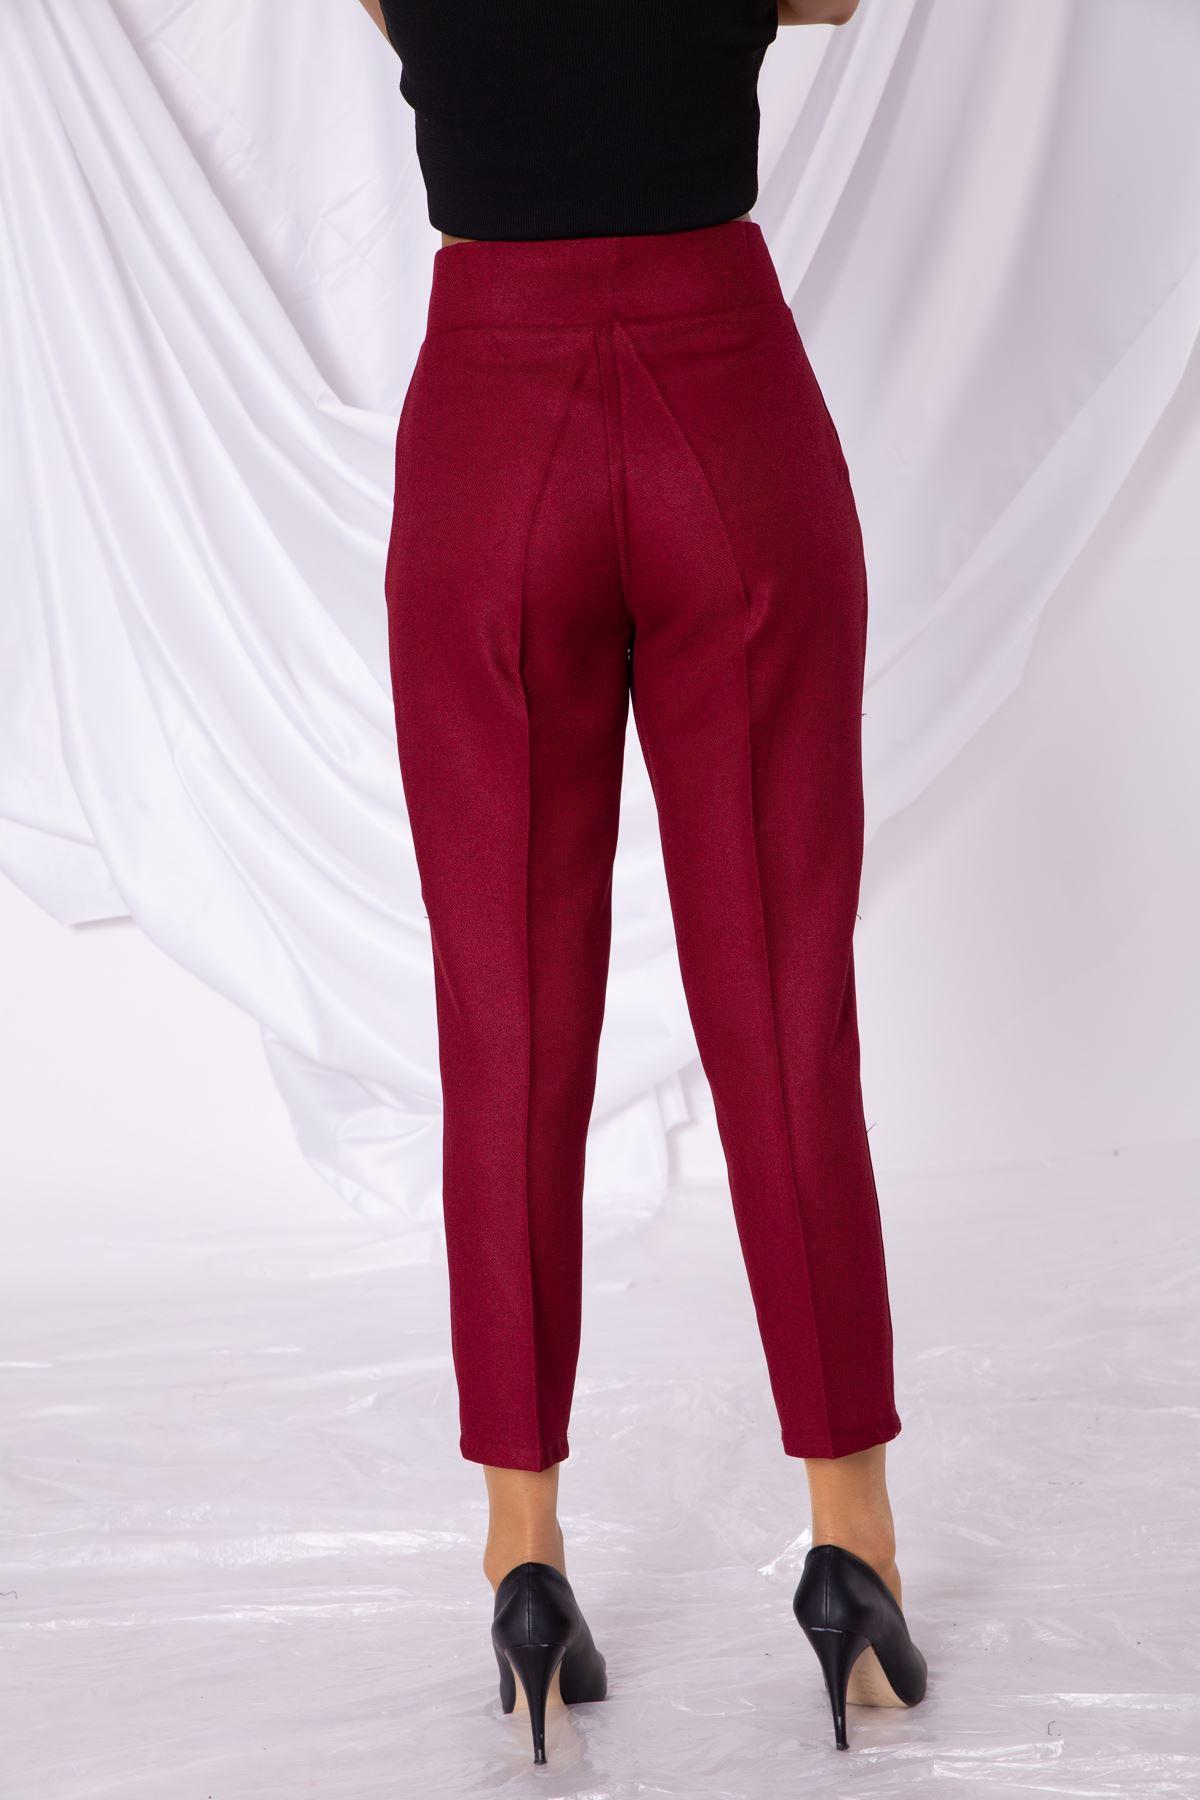 Kadın Bordo Kalem Kumaş Pantolon